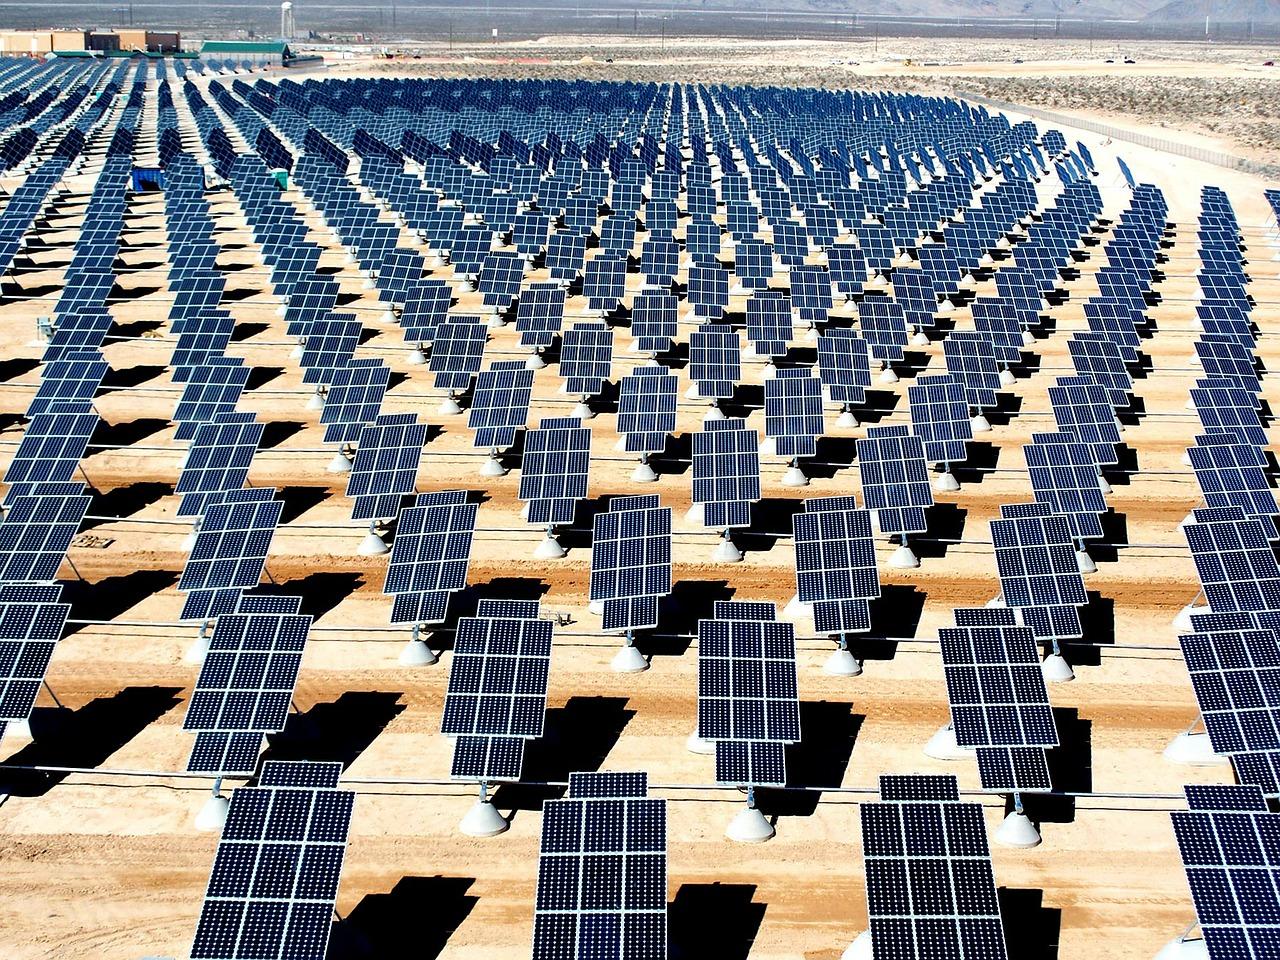 Solarzellen / Pixabay